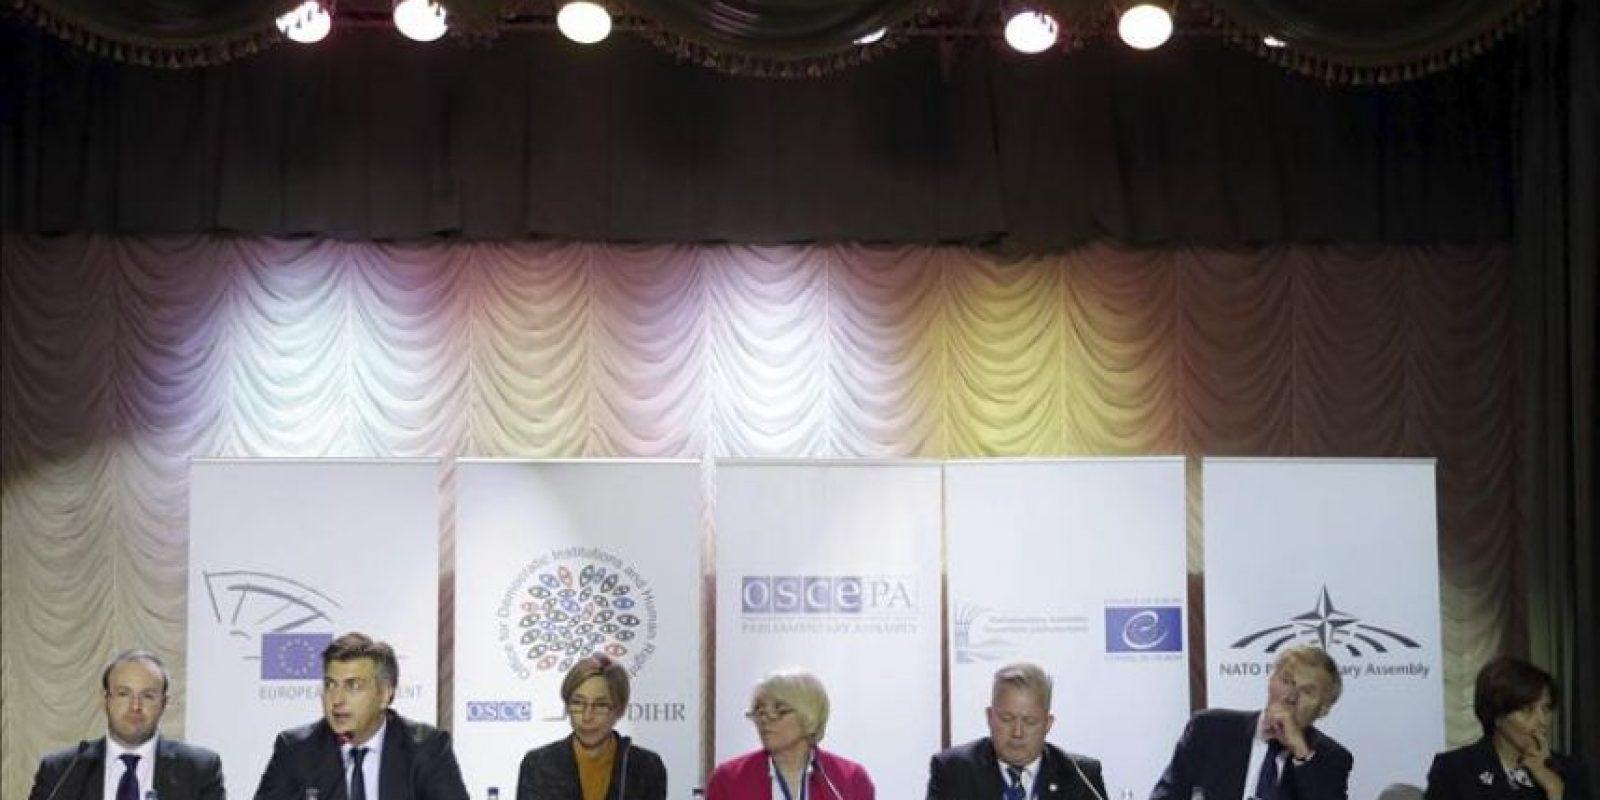 Miembros de la misión de observadores de la Organización para la Seguridad y Cooperación en Europa (OSCE), ofrecen una rueda de prensa en Kiev, Ucrania, el 27 de octubre del 2014. La OSCE calificó hoy de democráticas las elecciones legislativas del domingo en Ucrania, en las que ganaron los partidos europeístas, según los datos de la Comisión Electoral Central (CEC). EFE